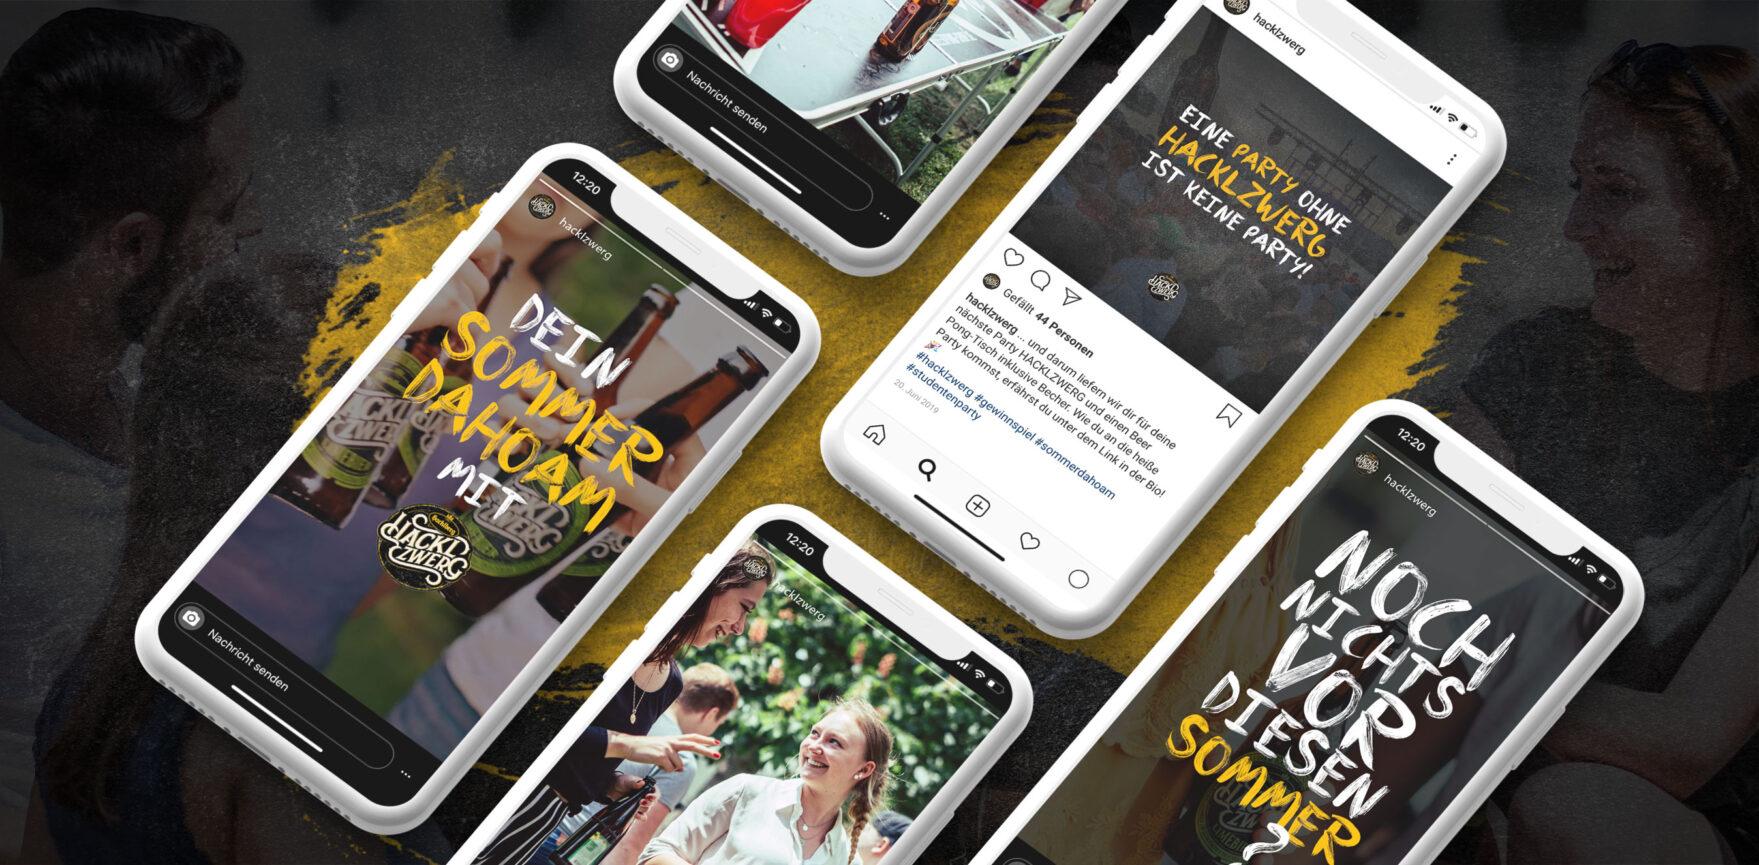 Brauerei Hackzwerg organische Social Media Postings Facebook und Instagram Feed und Story